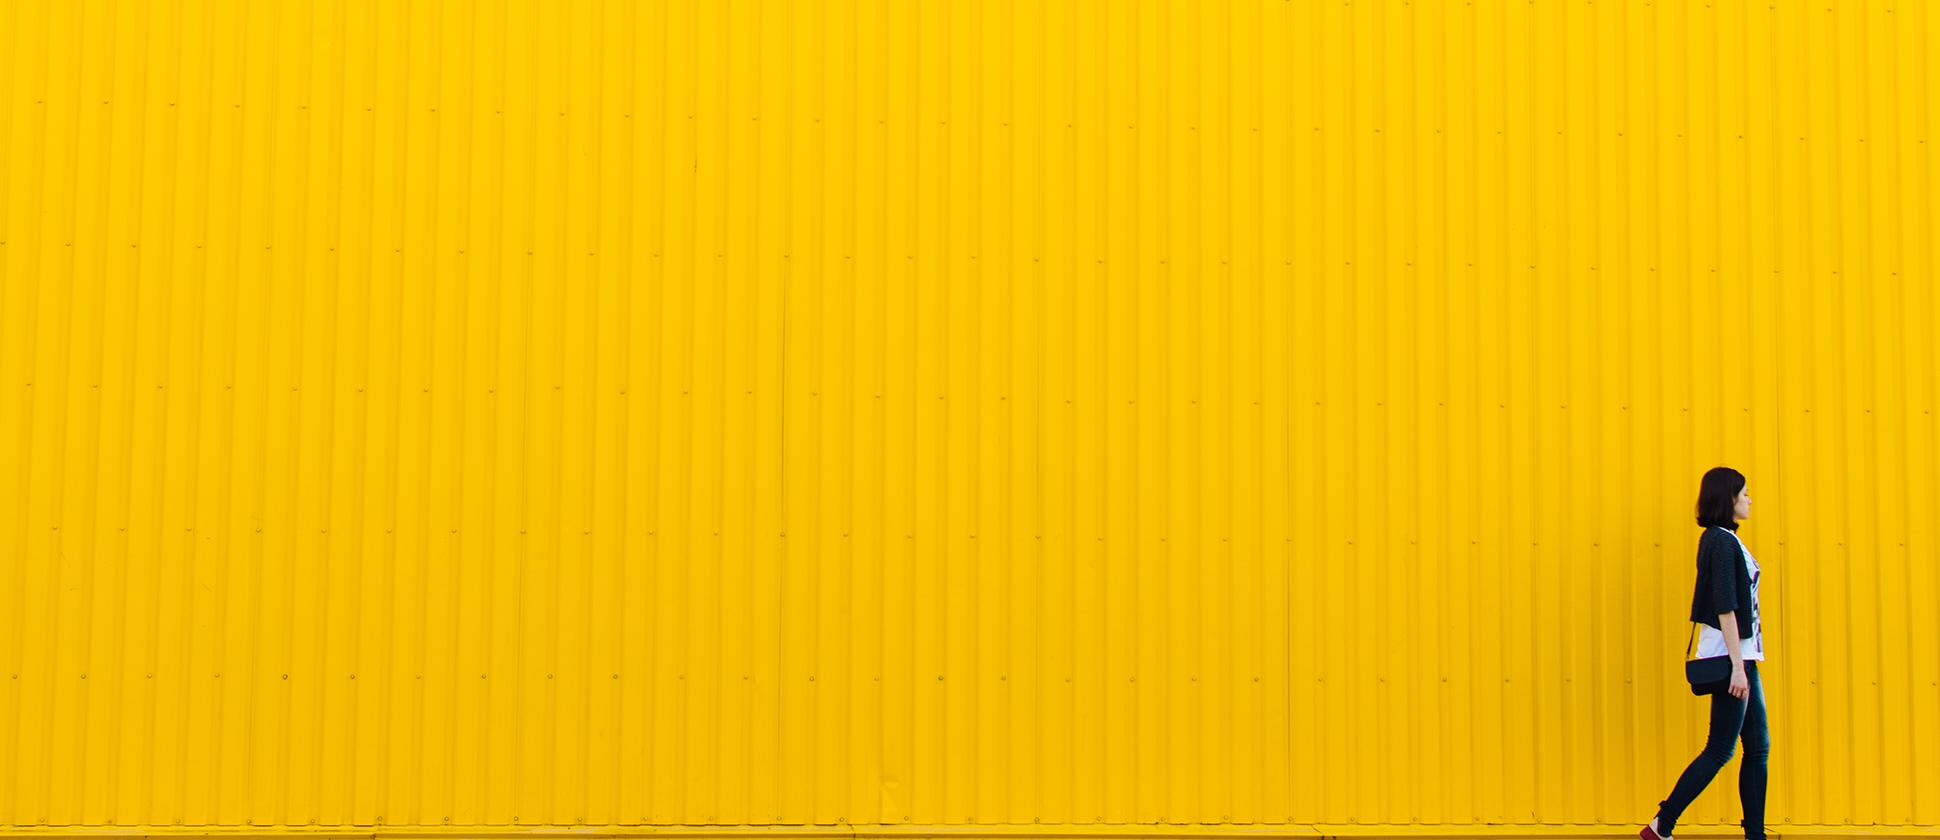 Setembro Amarelo: falar sobre suicídio é a melhor forma de prevenção